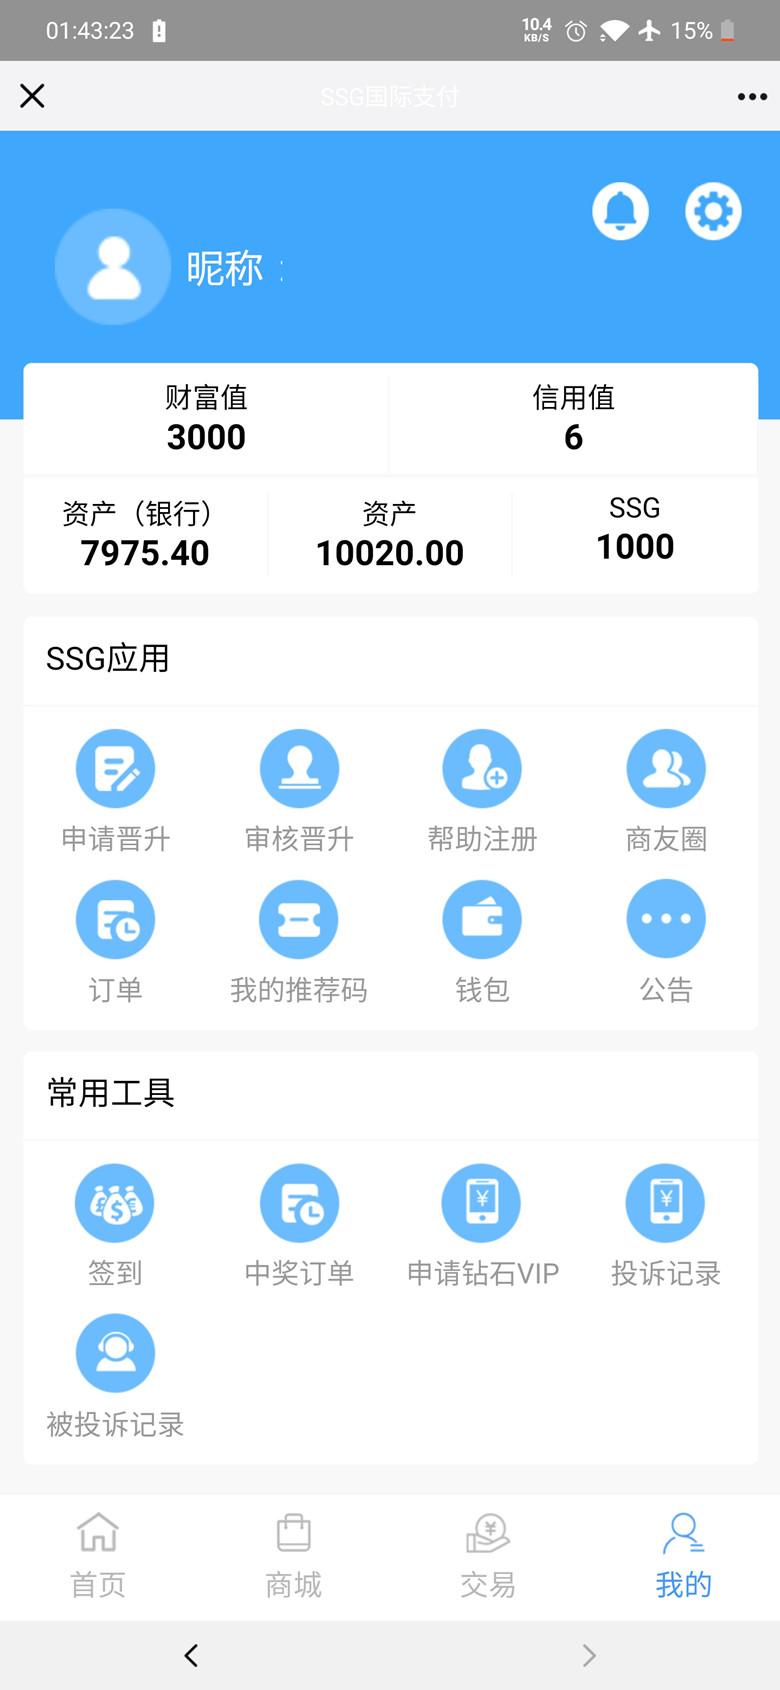 【ssg国际数字货币商业街源代码】货币商业街数字货币双端APP插图